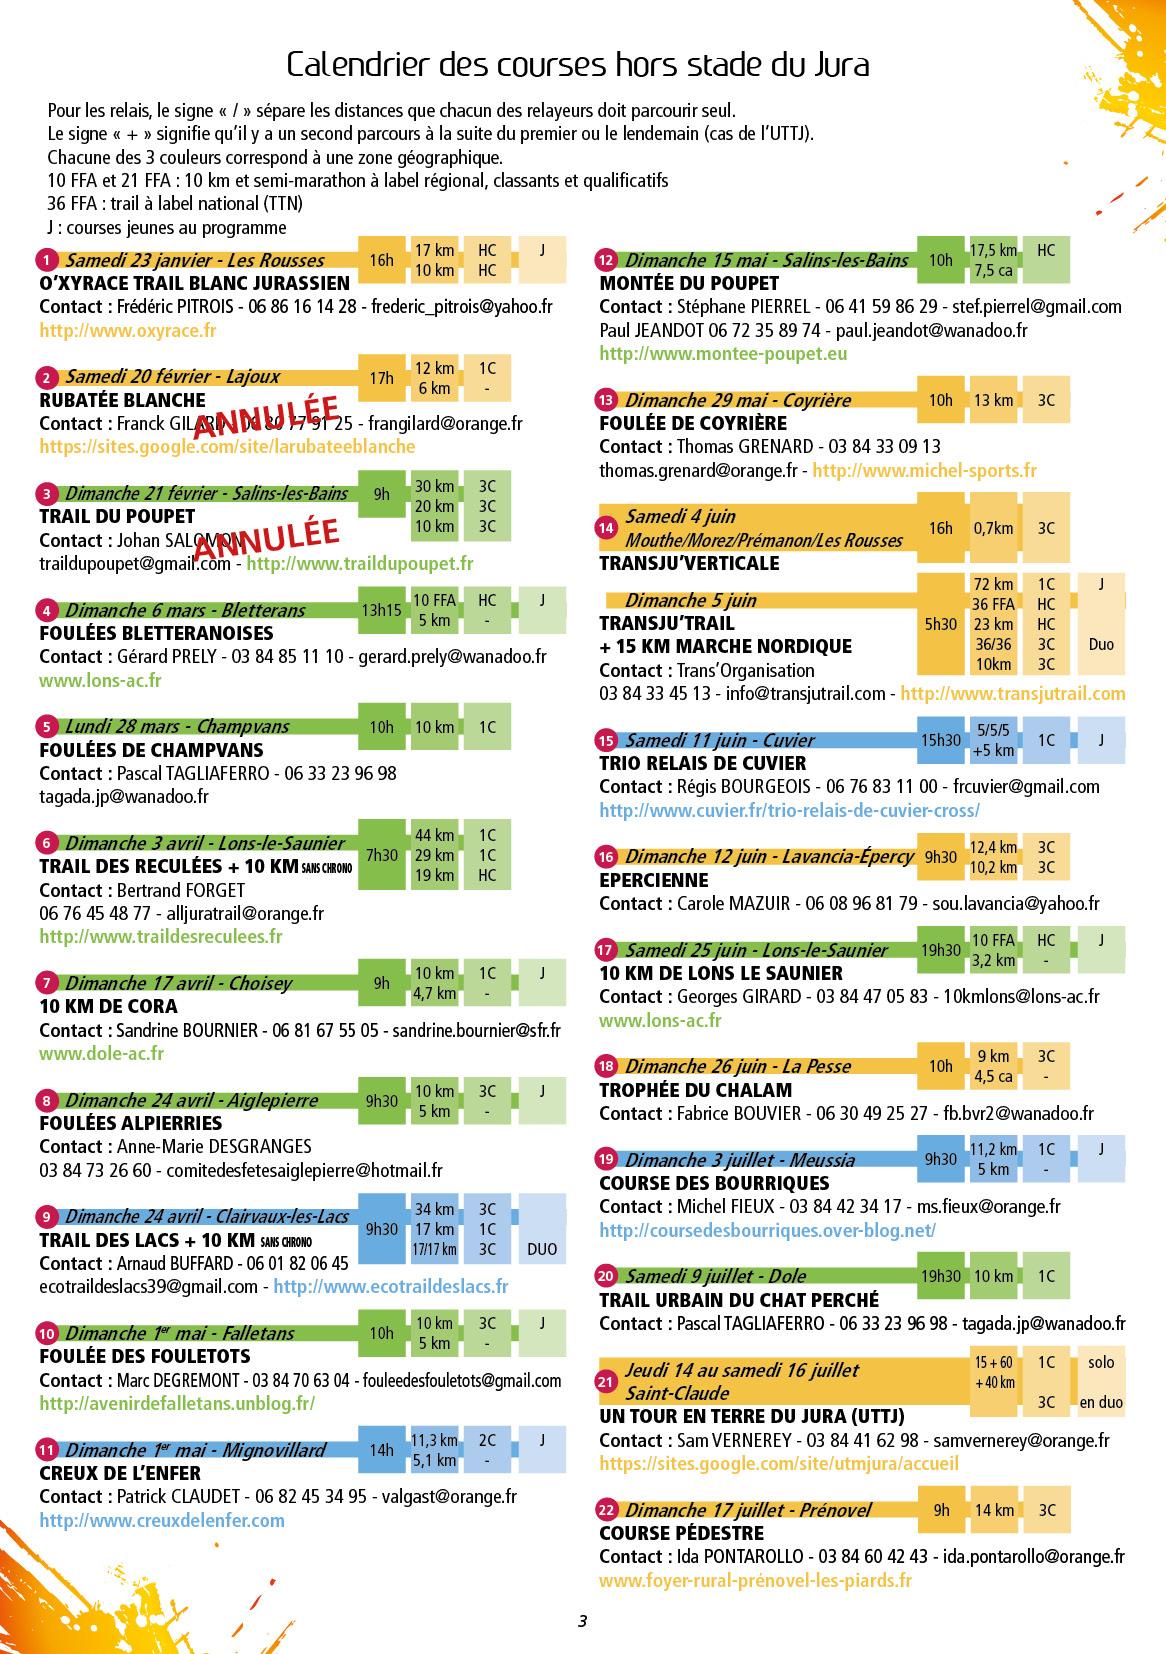 Calendrier 2016 Courir Dans Le Jura Site Officiel Des